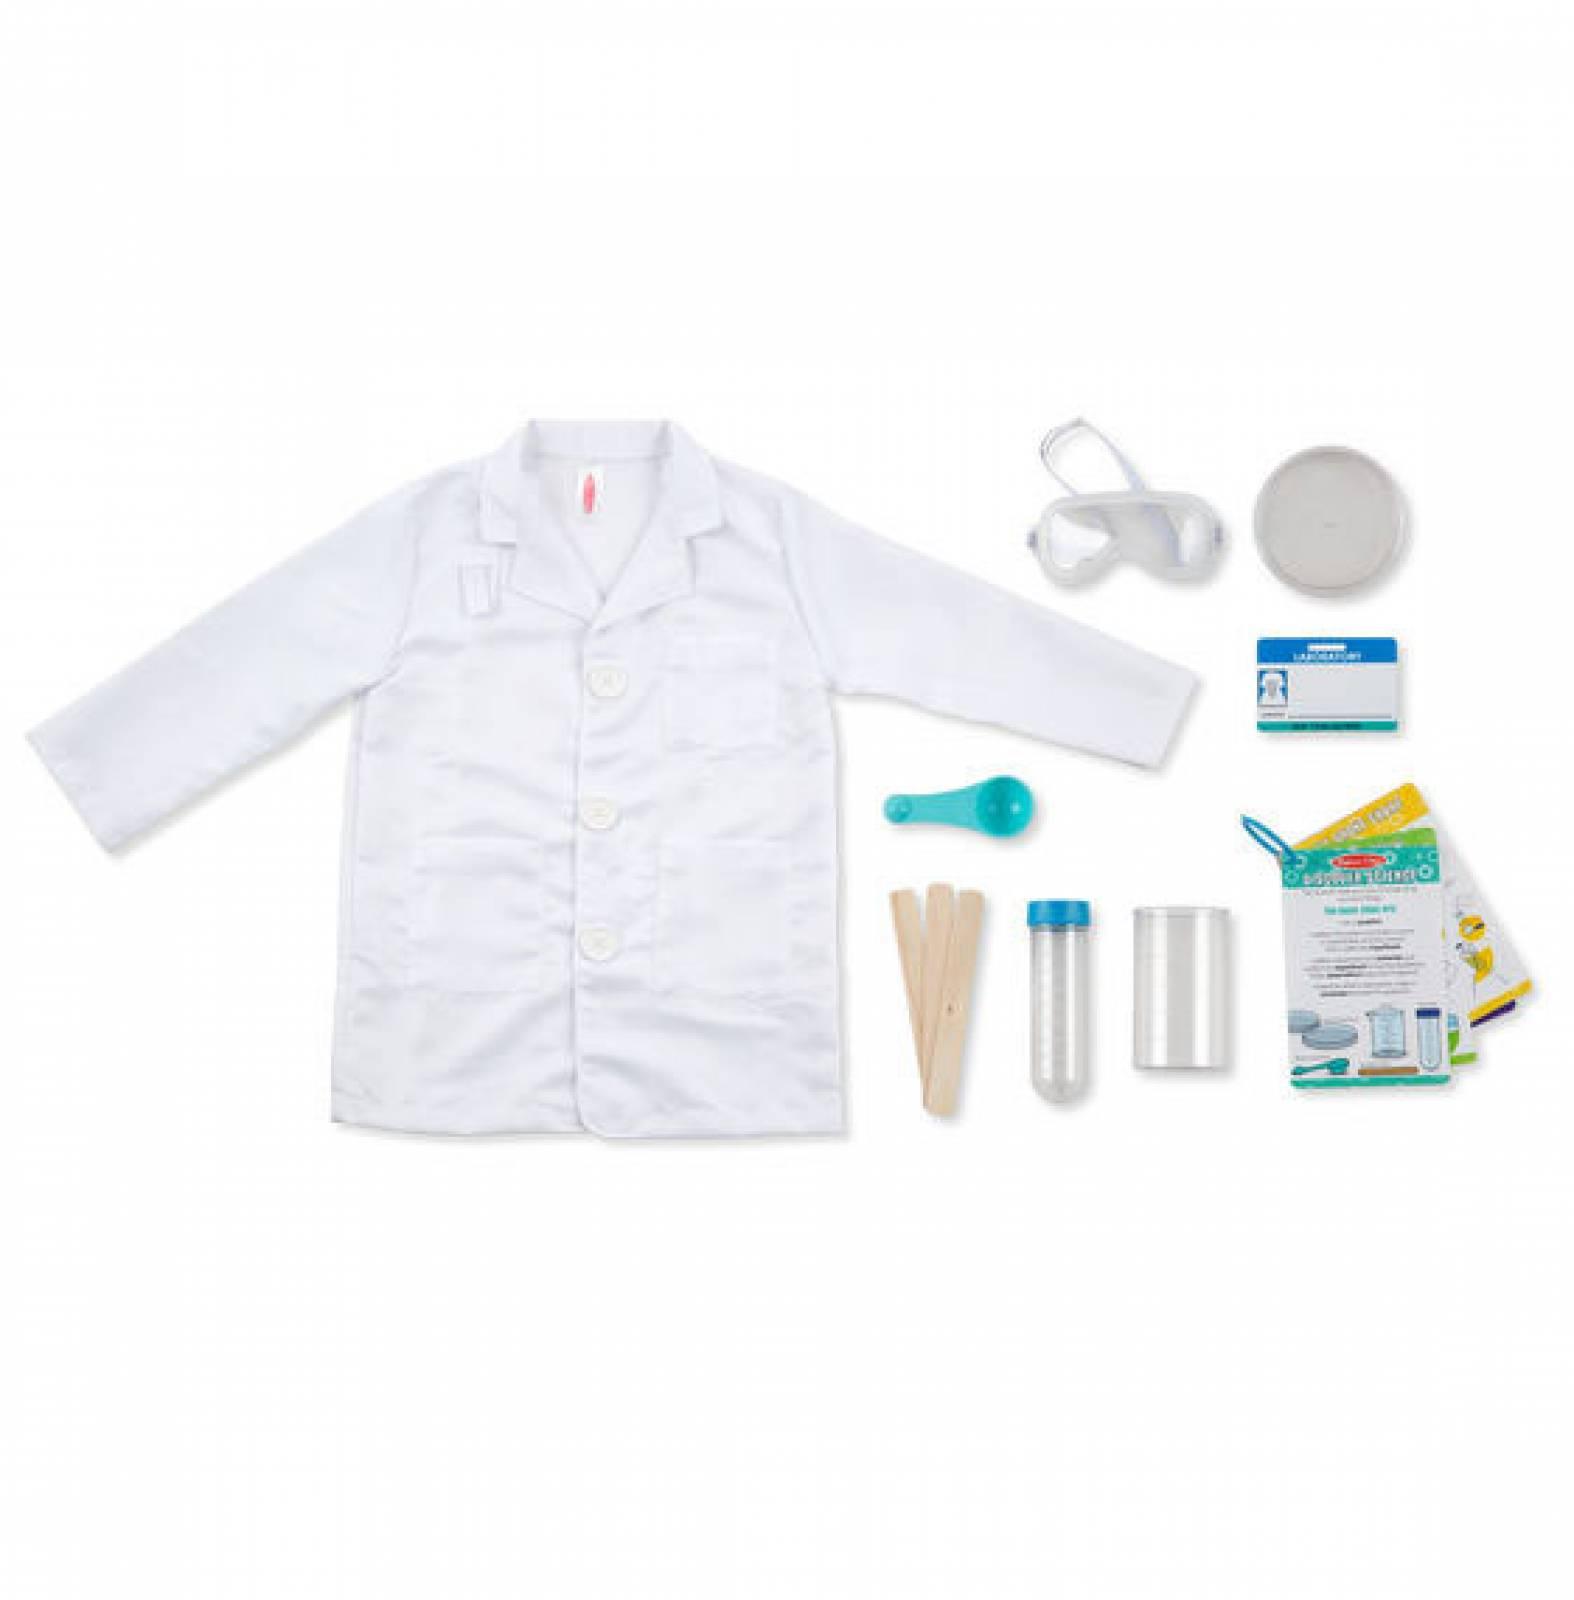 Fancy Dress Role Play Costume Set - Scientist thumbnails